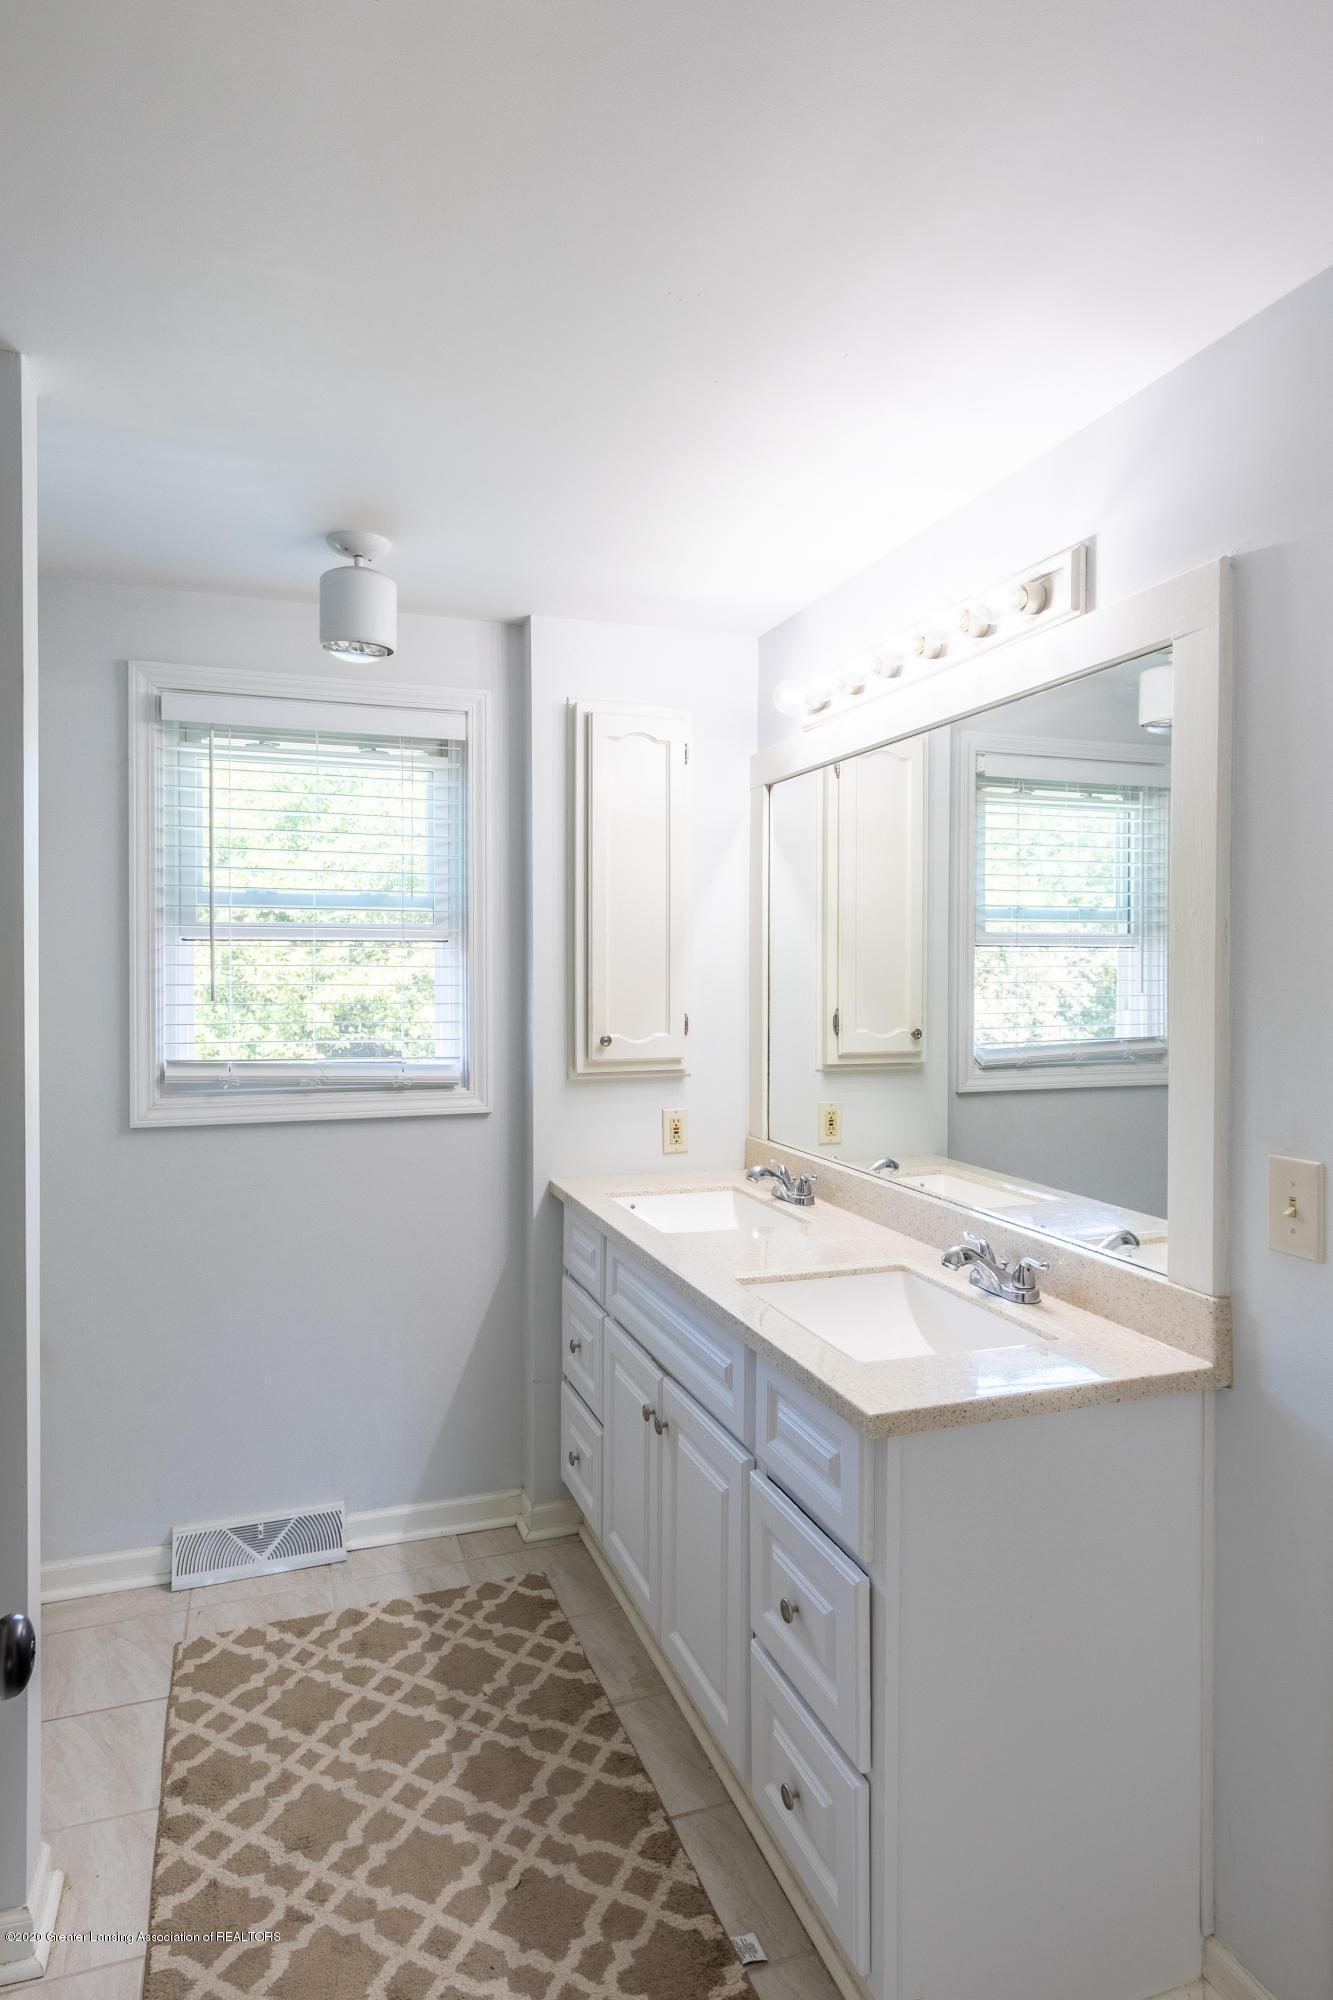 4194 Indian Glen Dr - Master Bathroom - 38